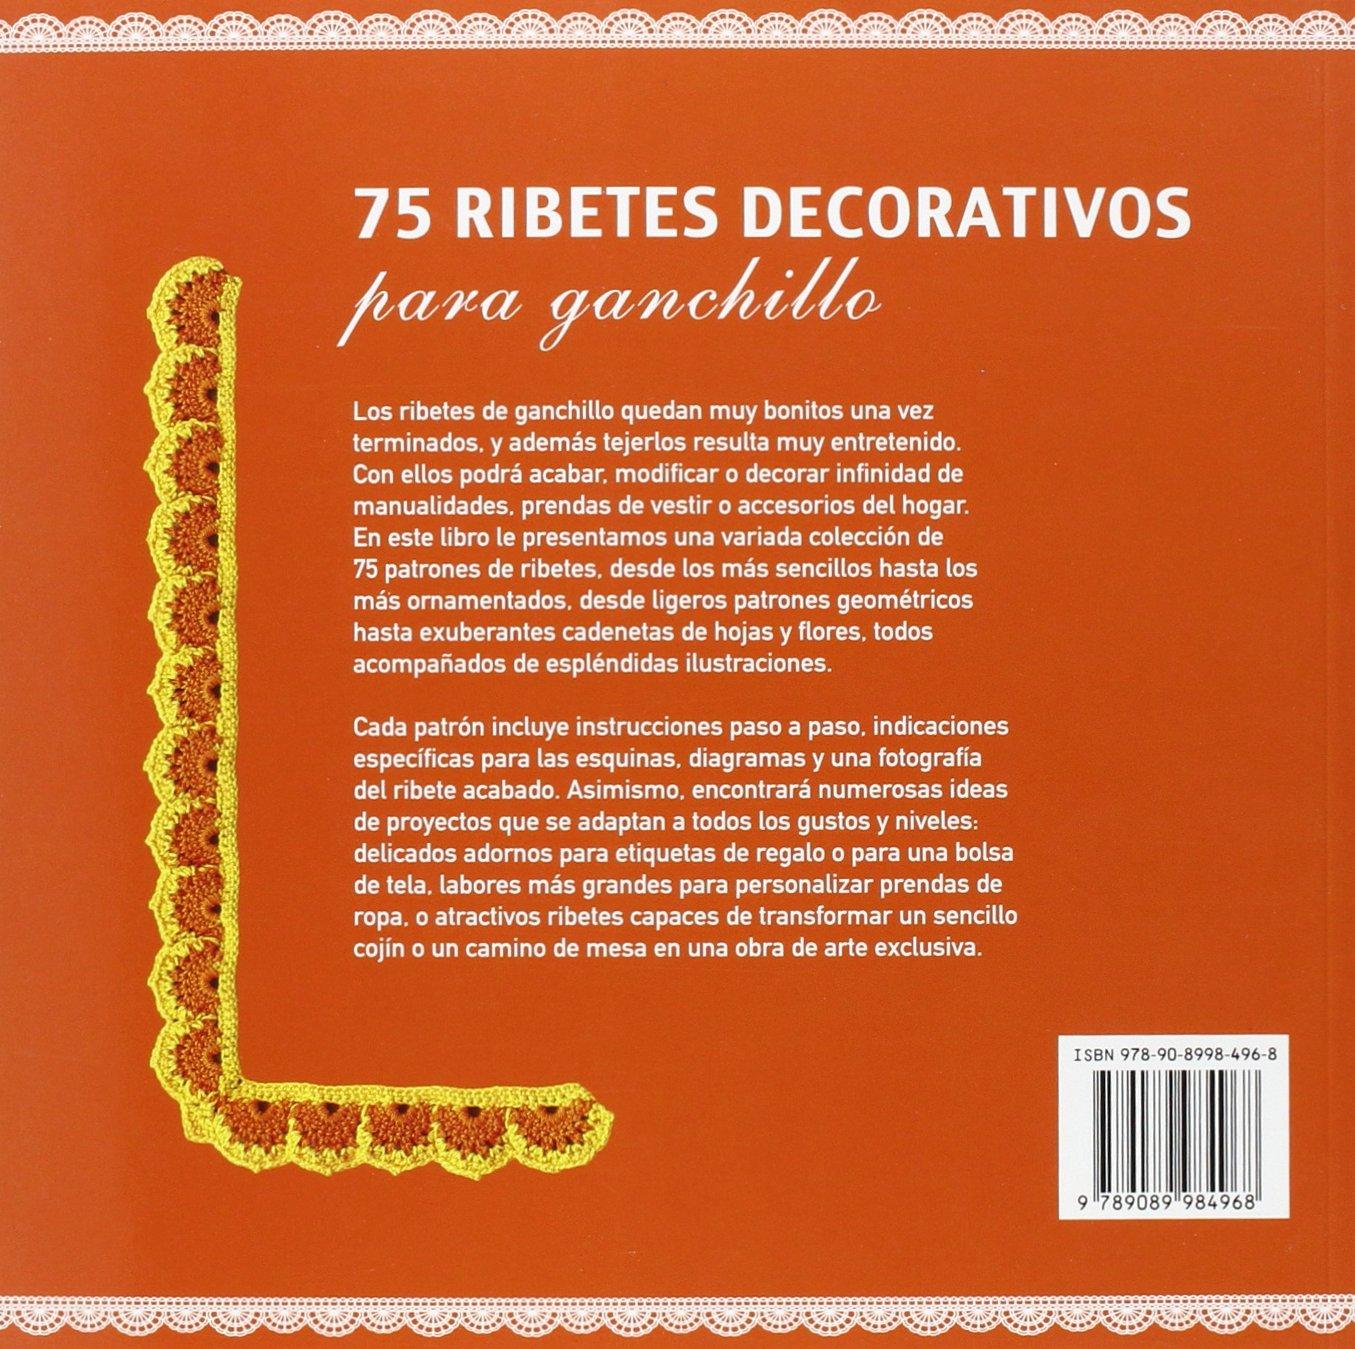 75 ribetes decorativos para ganchillo: CAITLIN SAINIO ...